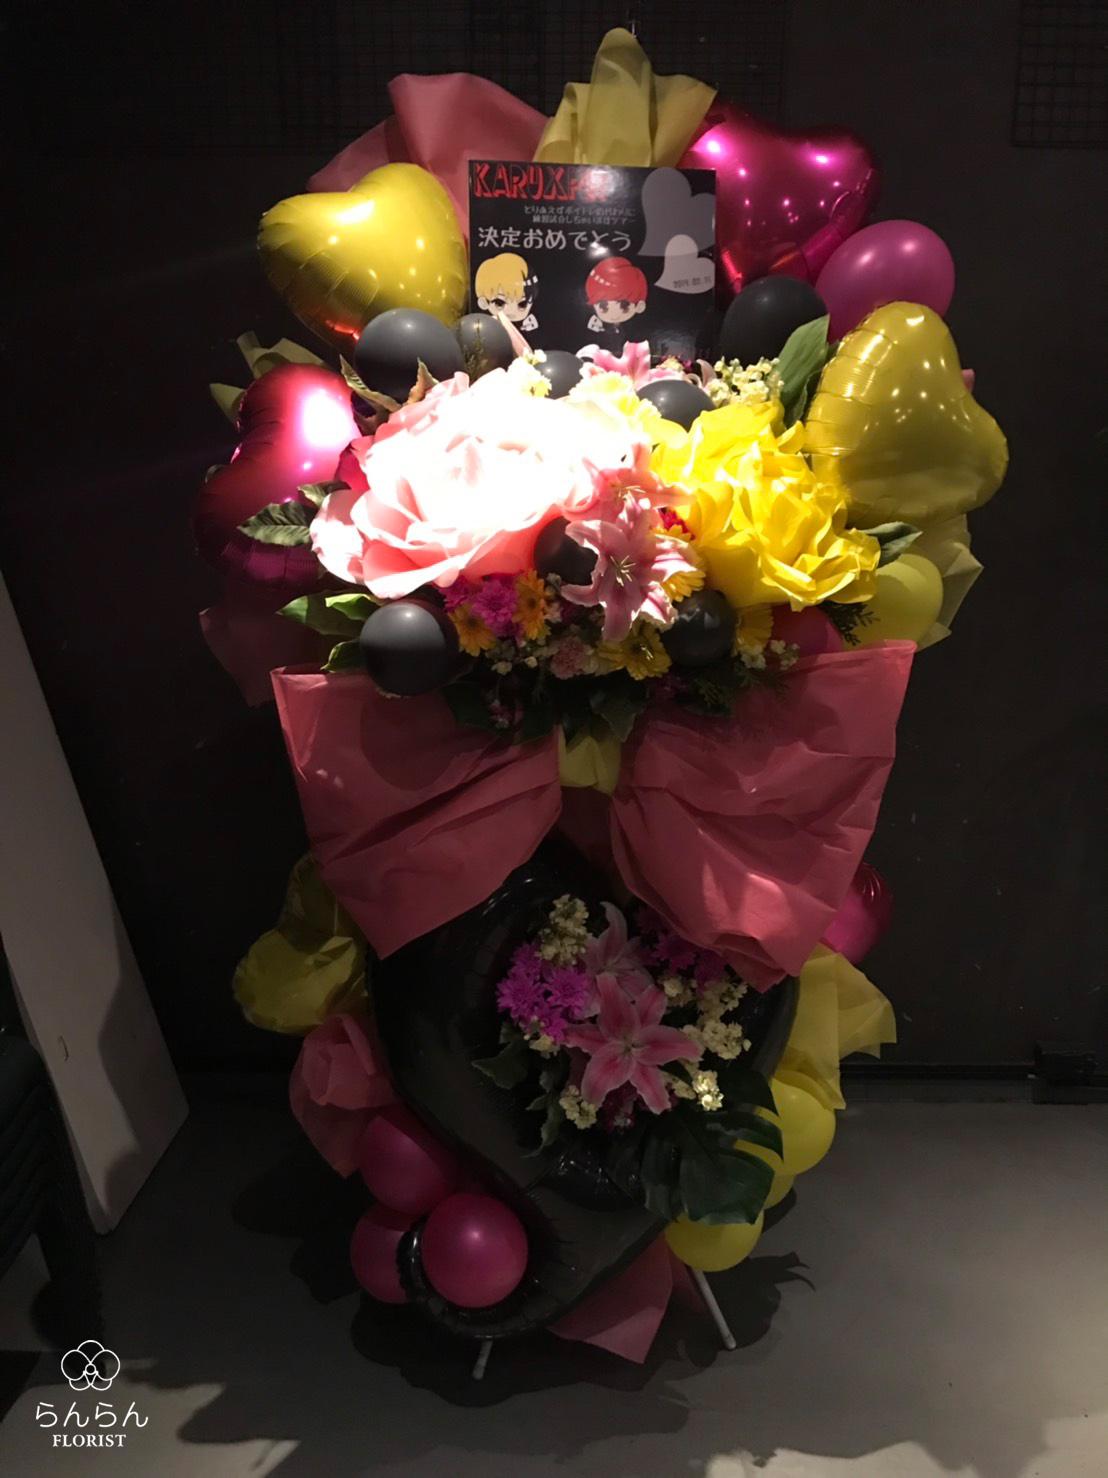 カルxピン お祝いスタンド花